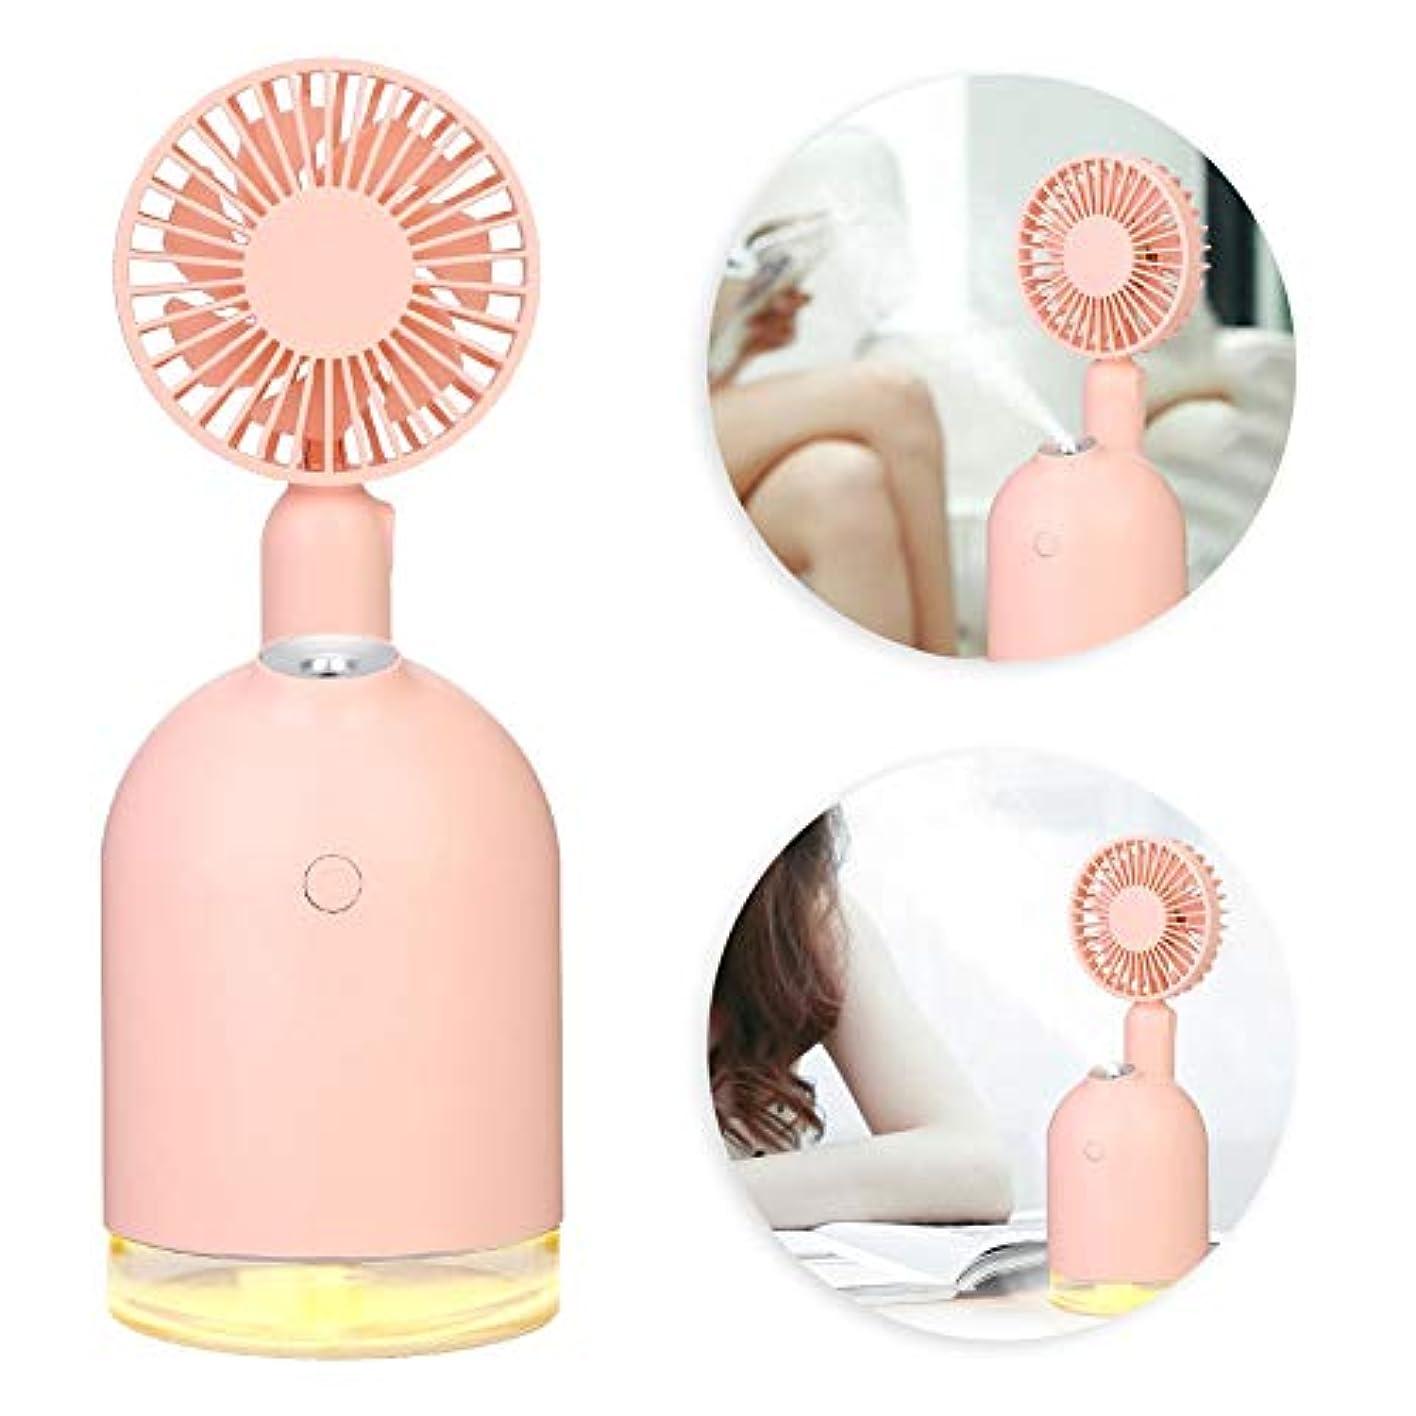 特許公式形容詞夜間照明付きポータブルミニ加湿器取り外し可能ファン、USB充電(ピンク)